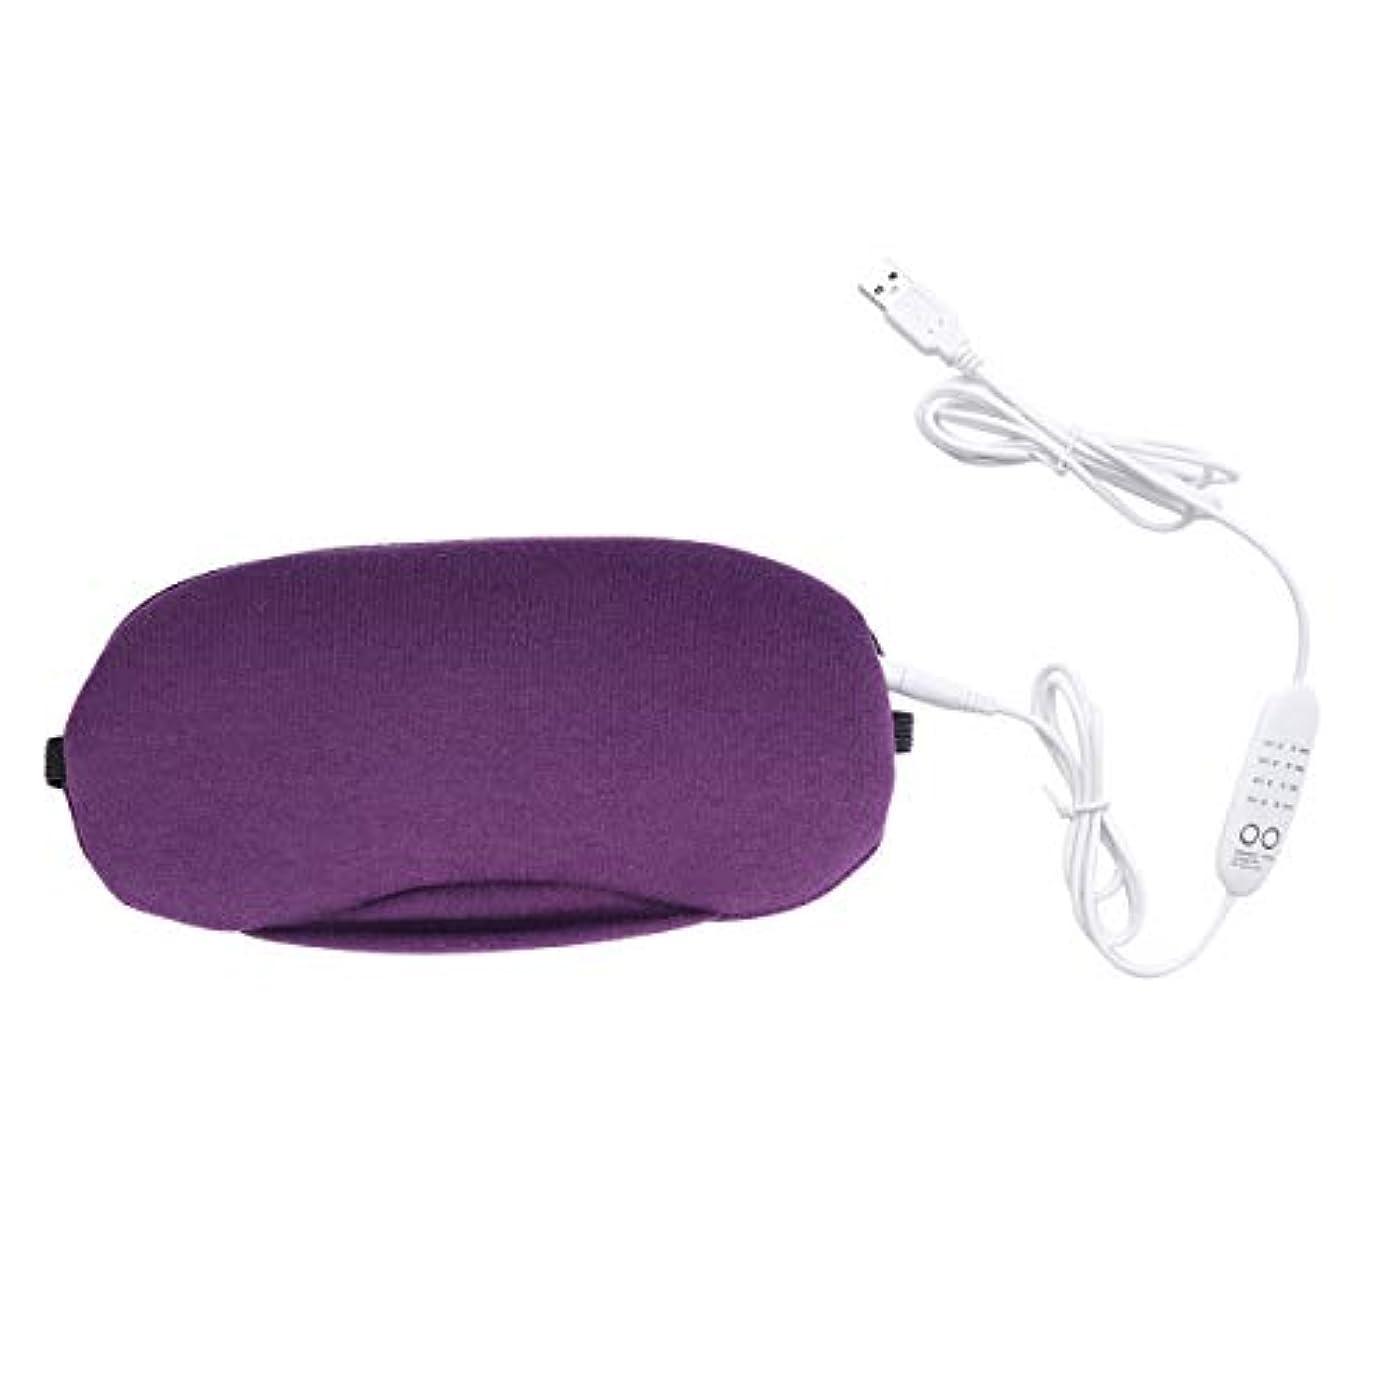 くるくる免疫静かな不眠症を和らげるためのHealifty USBスチームアイマスク目隠しホットコンプレッションアイシールドドライアイ疲労(紫色)